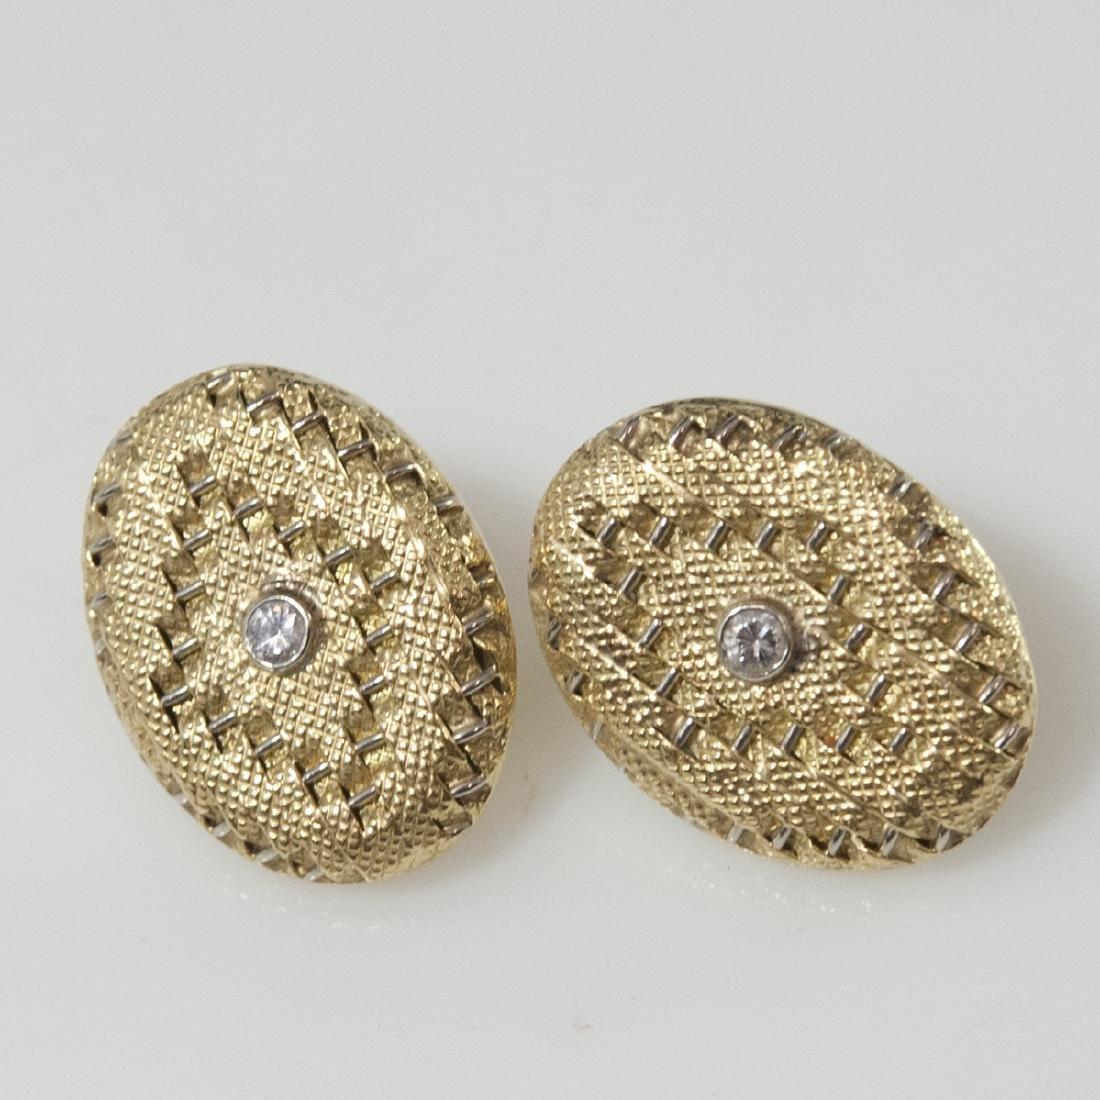 18kt Gold & Diamond Art Deco Style Earrings